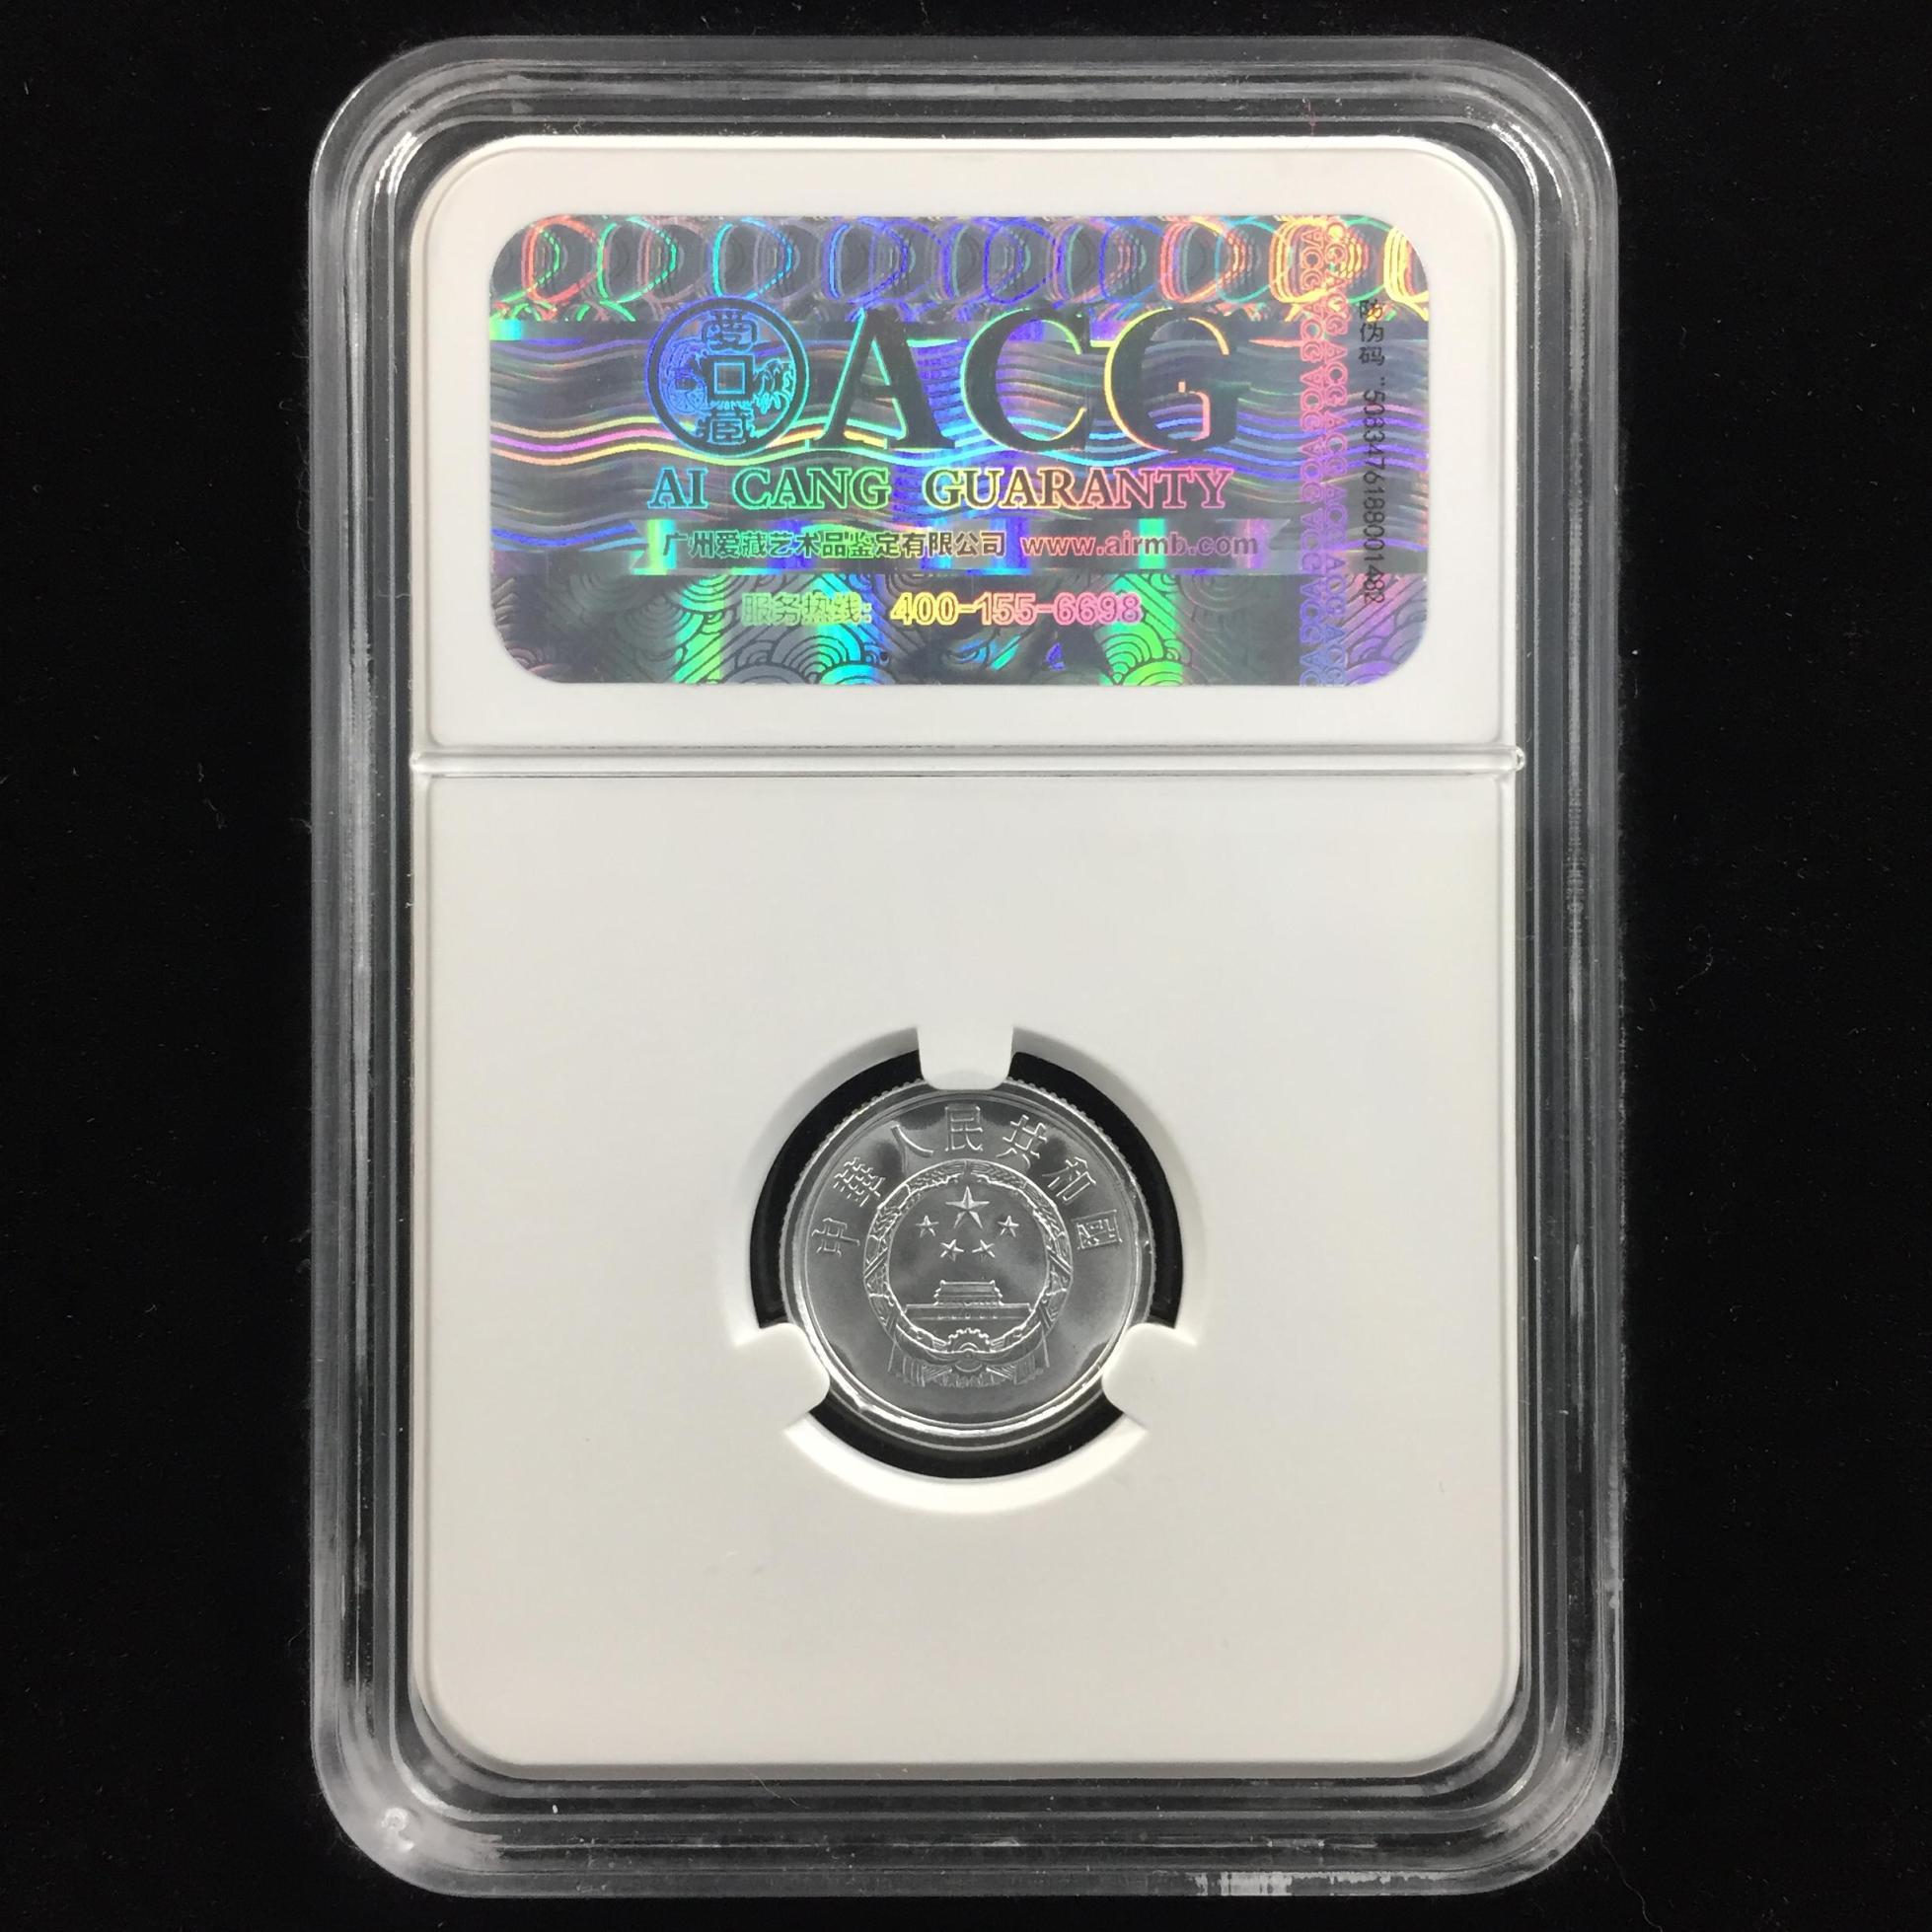 双齿币→2013年1分硬币→ACG鉴定证书-10768249